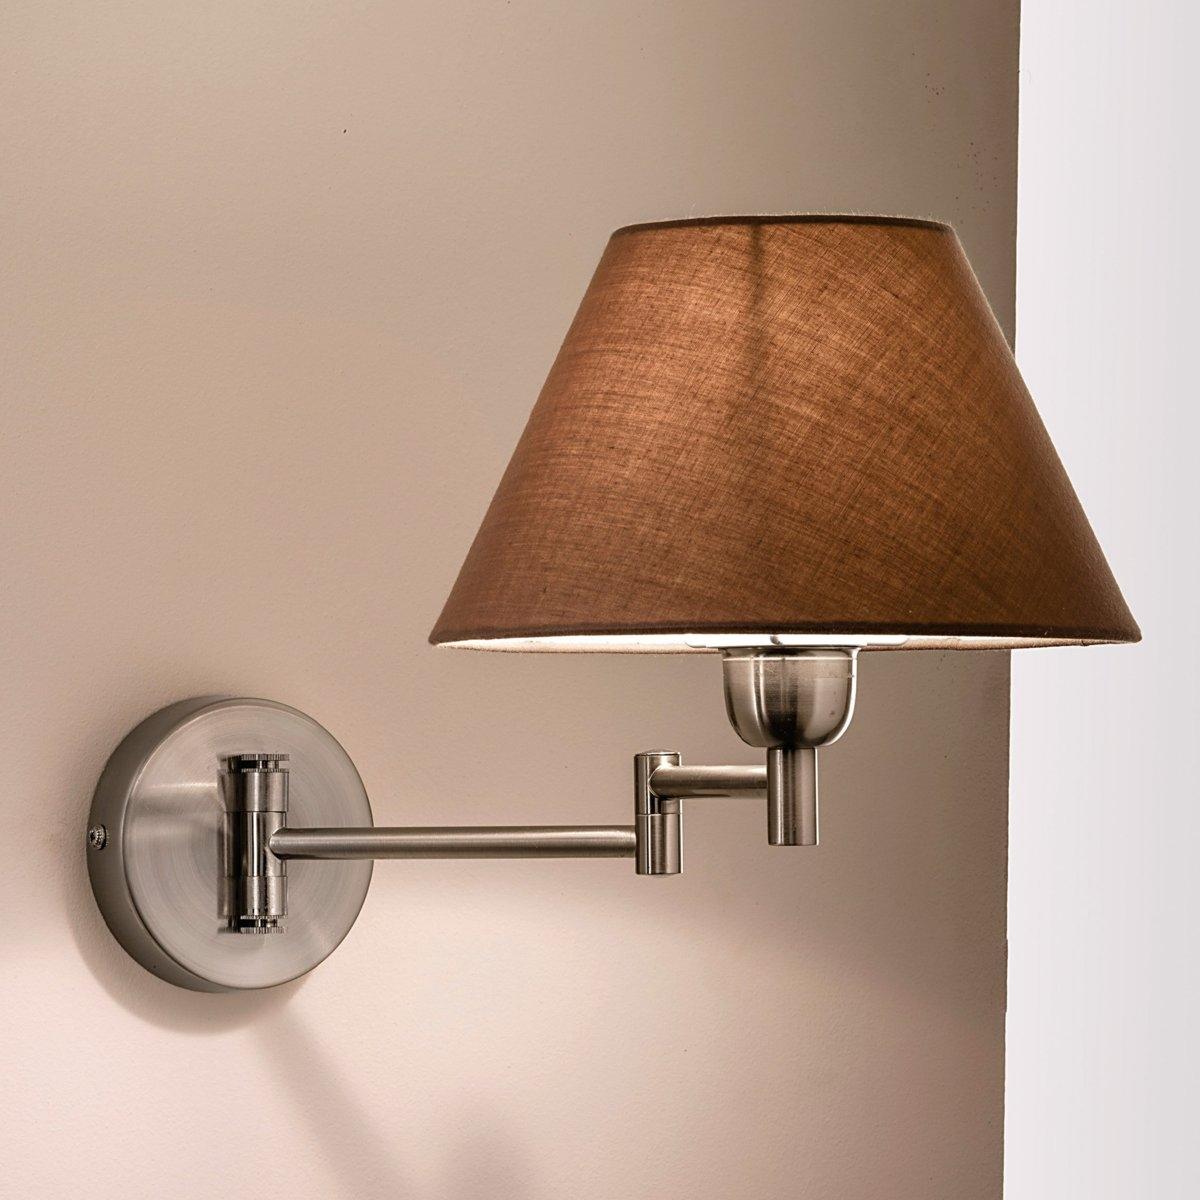 Светильник настенный, NynaОписание светильника, Nyna:1 гибкая лапка Абажур серо-коричневого цвета Патрон E14 для лампочки 40W.  (не входит в комплект)   В комплекте крепежная система.Этот светильник совместим с лампочками    энергетического класса   : A-B-C-D-EХарактеристики светильника, Nyna:1 лапка из алюминия Абажур из хлопка Размеры настенного светильника, Nyna:Абажур: Диаметр внизу: 21,5 см, диаметр сверху: 10 см. Высота: 13,5 см.Общие размеры:В разложенном виде:Ширина: 21,5 смВысота: 60 смГлубина: 40 смВ сложенном виде: Ширина: 24 смВысота: 60 смГлубина: 22,5 см<br><br>Цвет: потертый алюминий